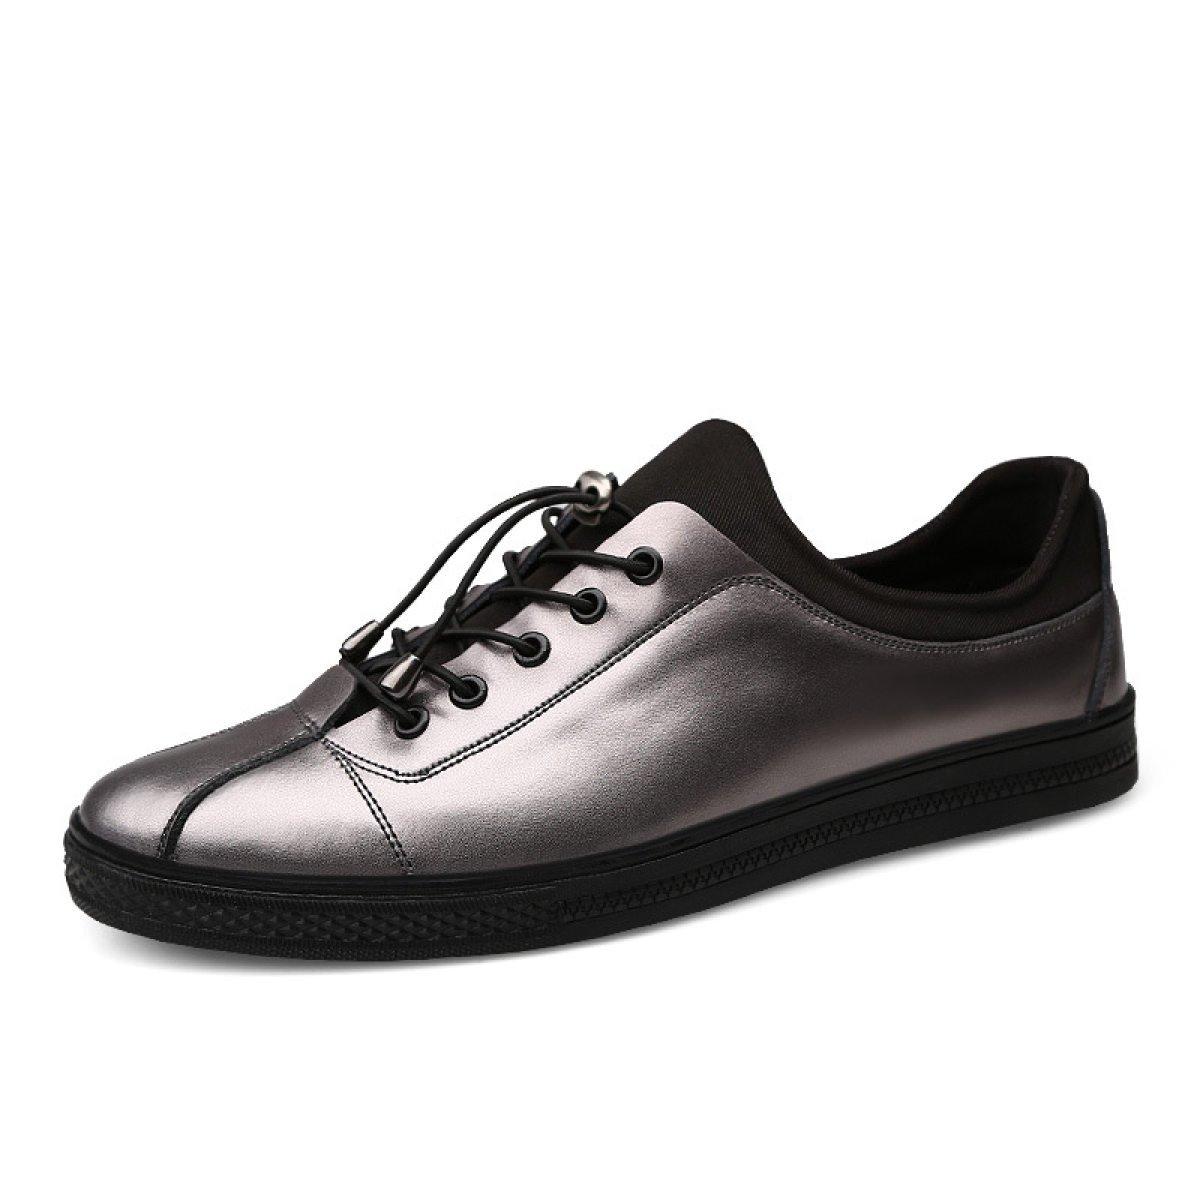 Mode Schuhe Lässig Wilden Atmungsaktive Koreanische Schuhe Mode Stretch-Tuch Schuhe Silver ad5e63